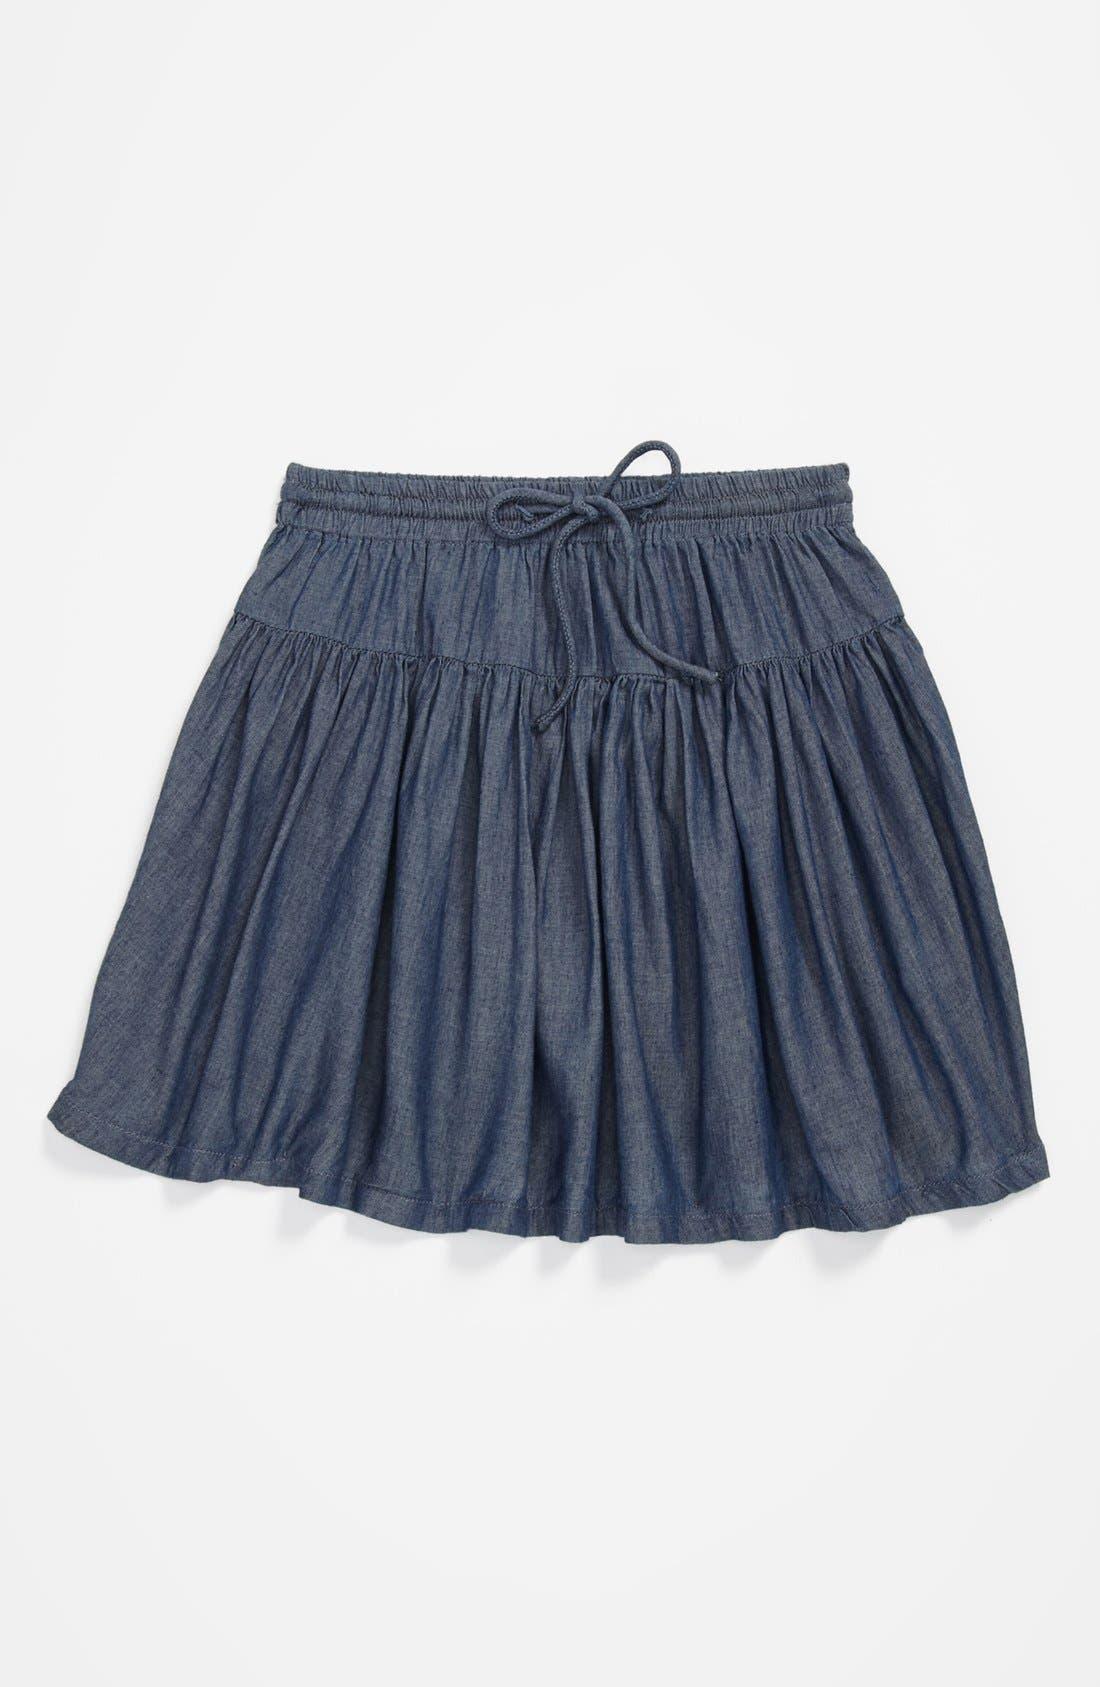 Main Image - Peek 'Louise' Skirt (Toddler, Little Girls & Big Girls)